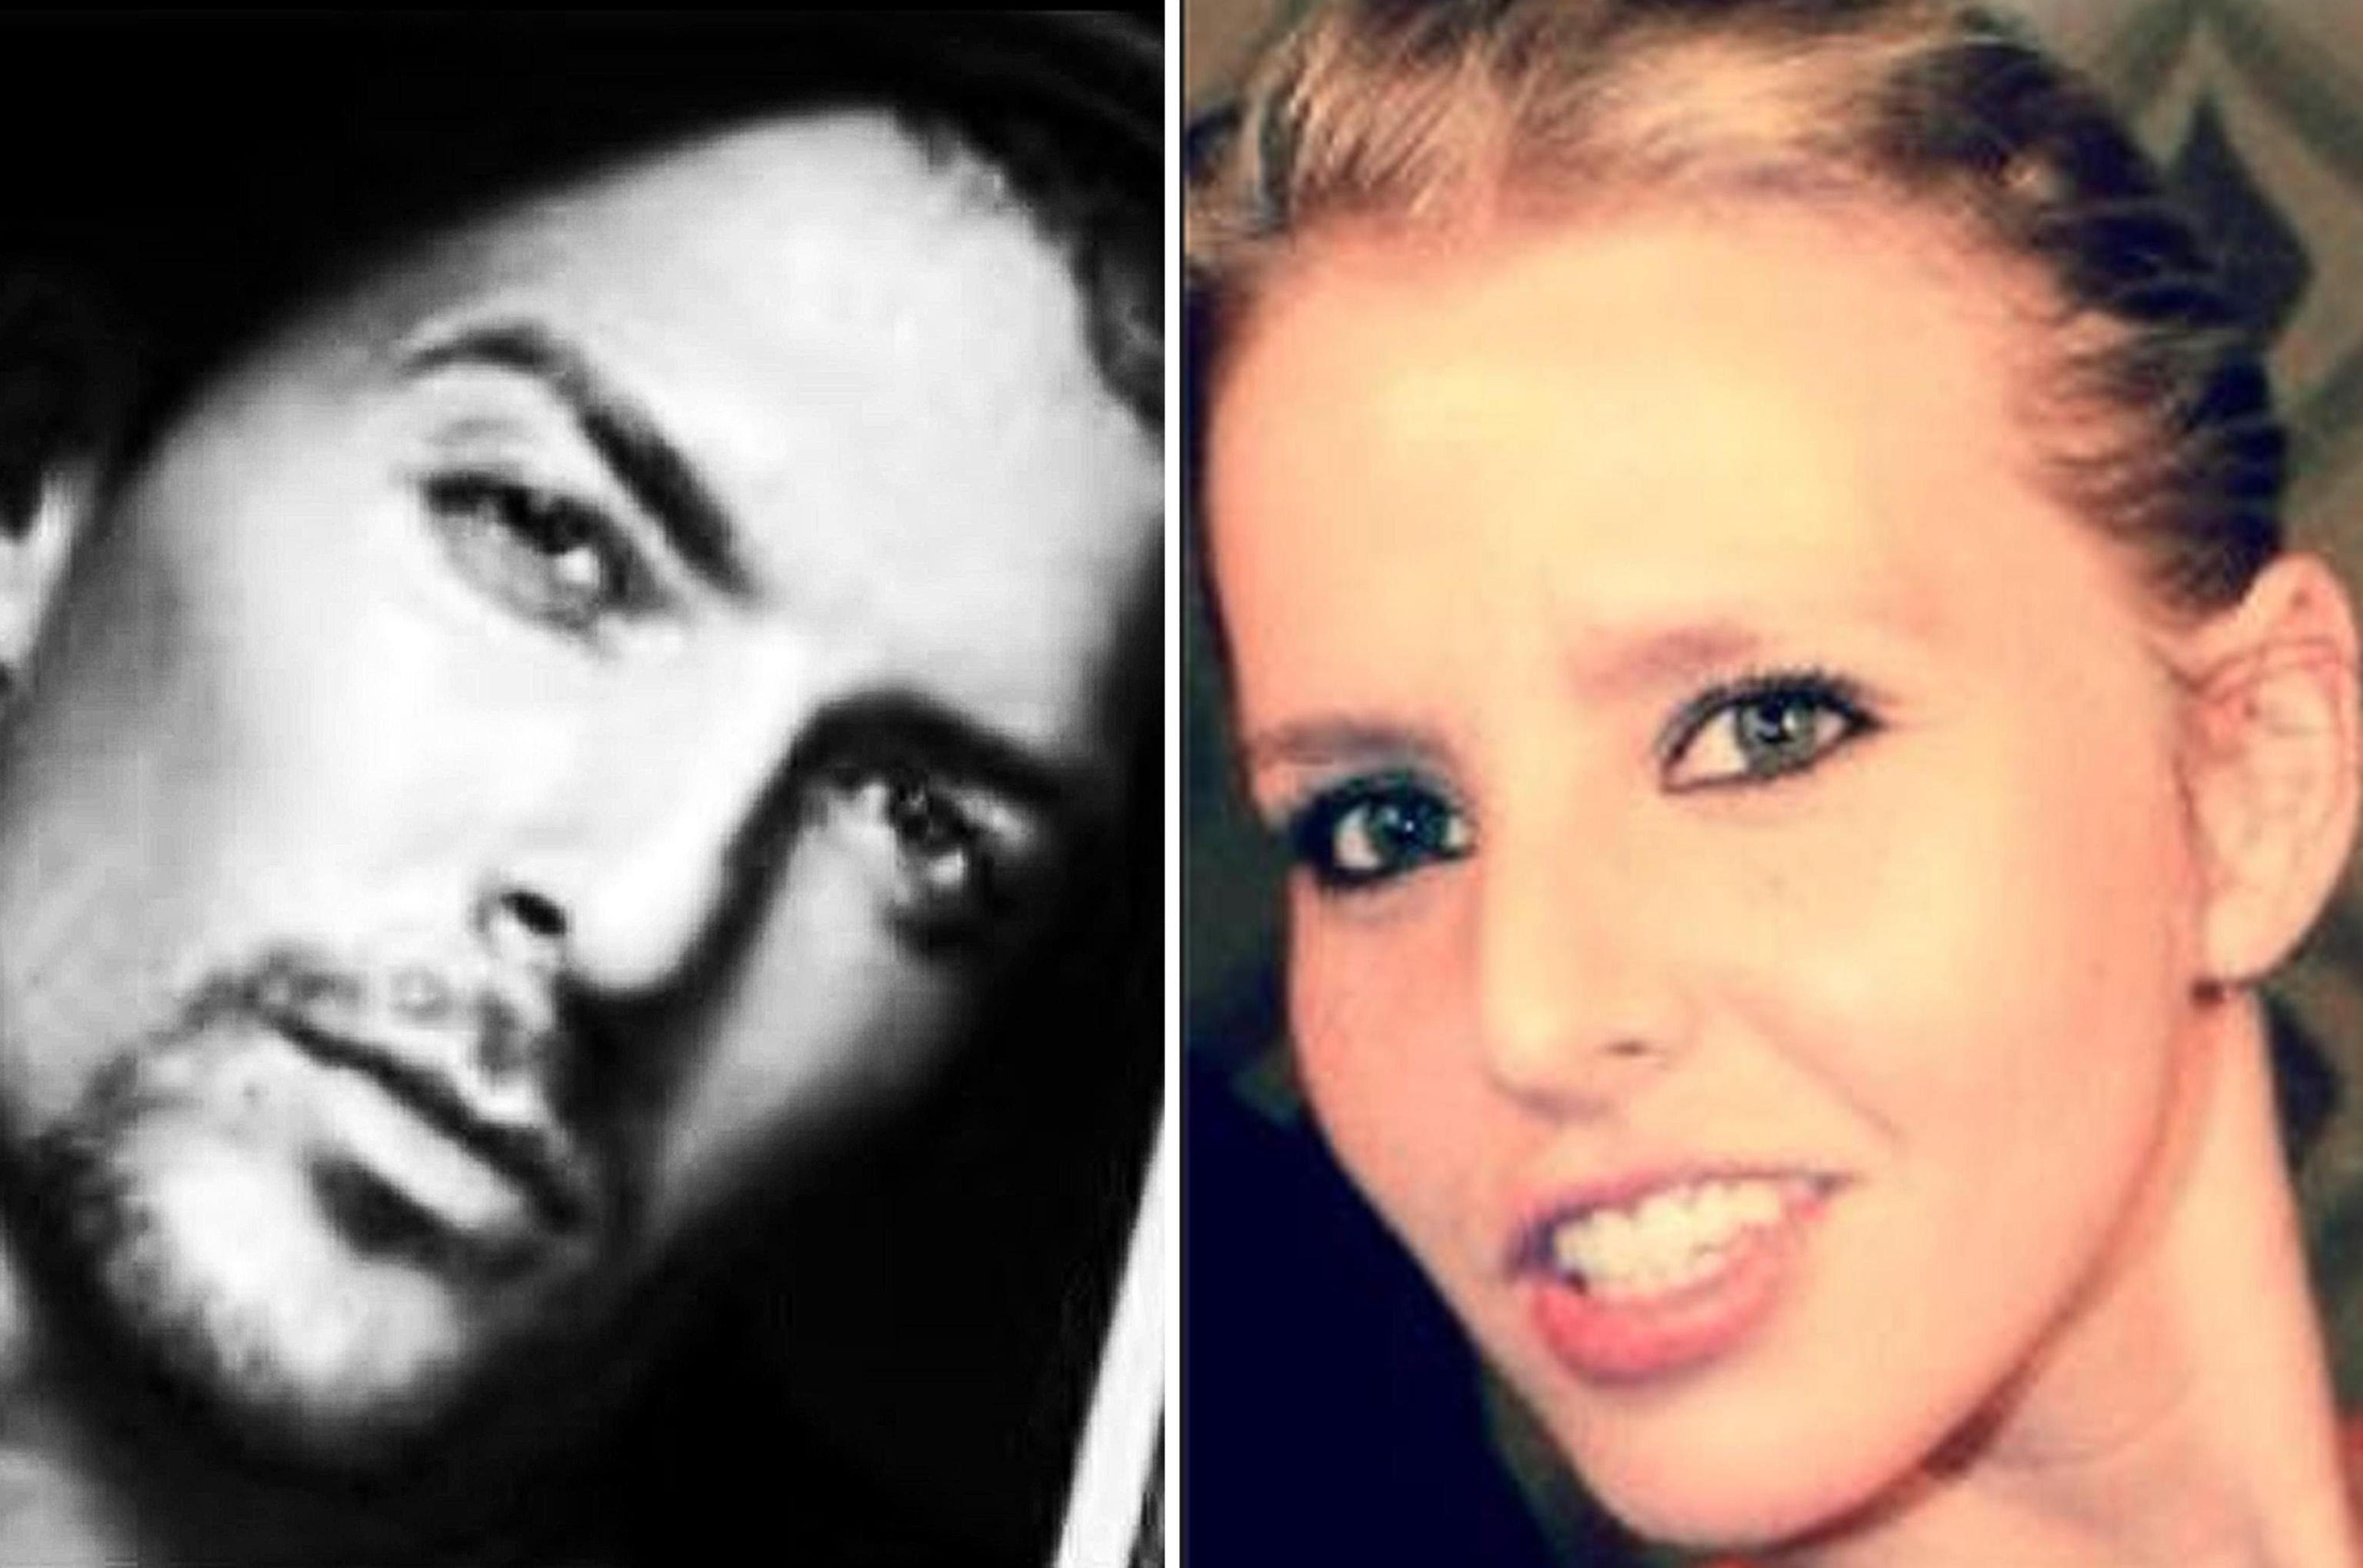 Omicidio Pordenone: Ruotolo condannato all'ergastolo per aver ucciso Teresa e Trifone